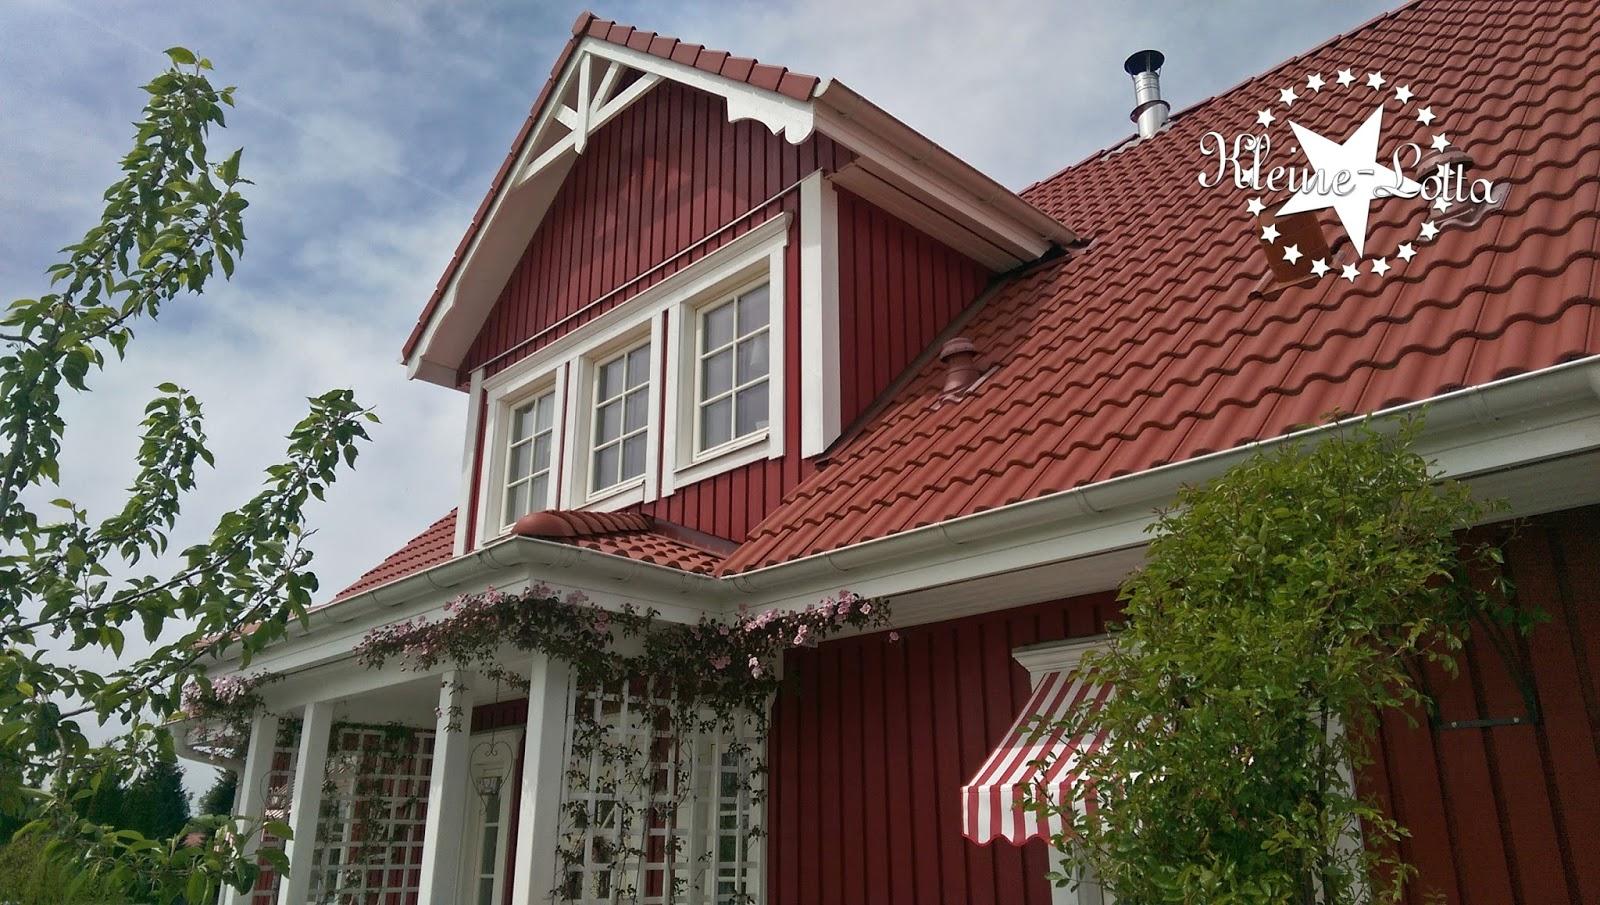 kleine lotta unser schwedenhaus fenstermarkisen. Black Bedroom Furniture Sets. Home Design Ideas